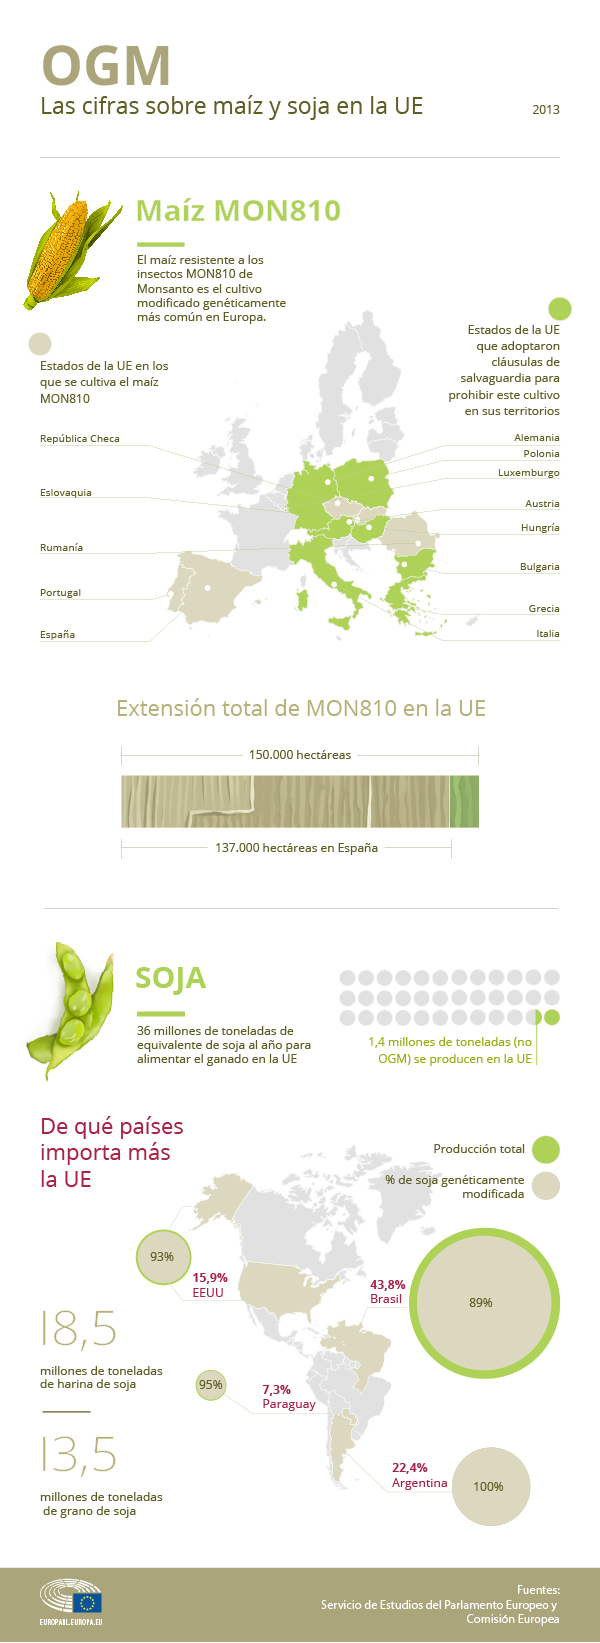 Infografía con los detalles sobre el cultivo y la importación de OGM en la UE.